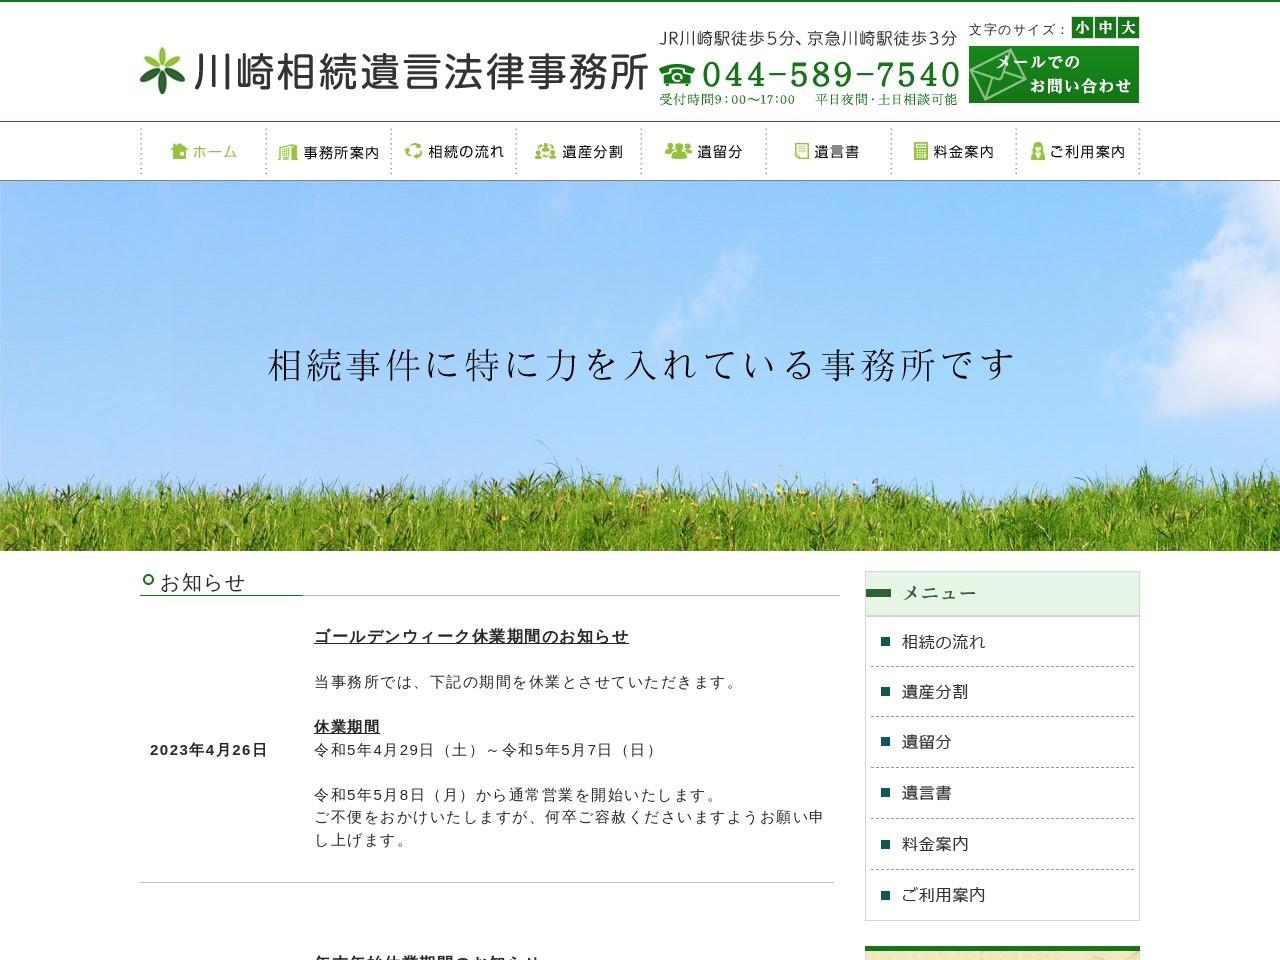 川崎相続遺言法律事務所